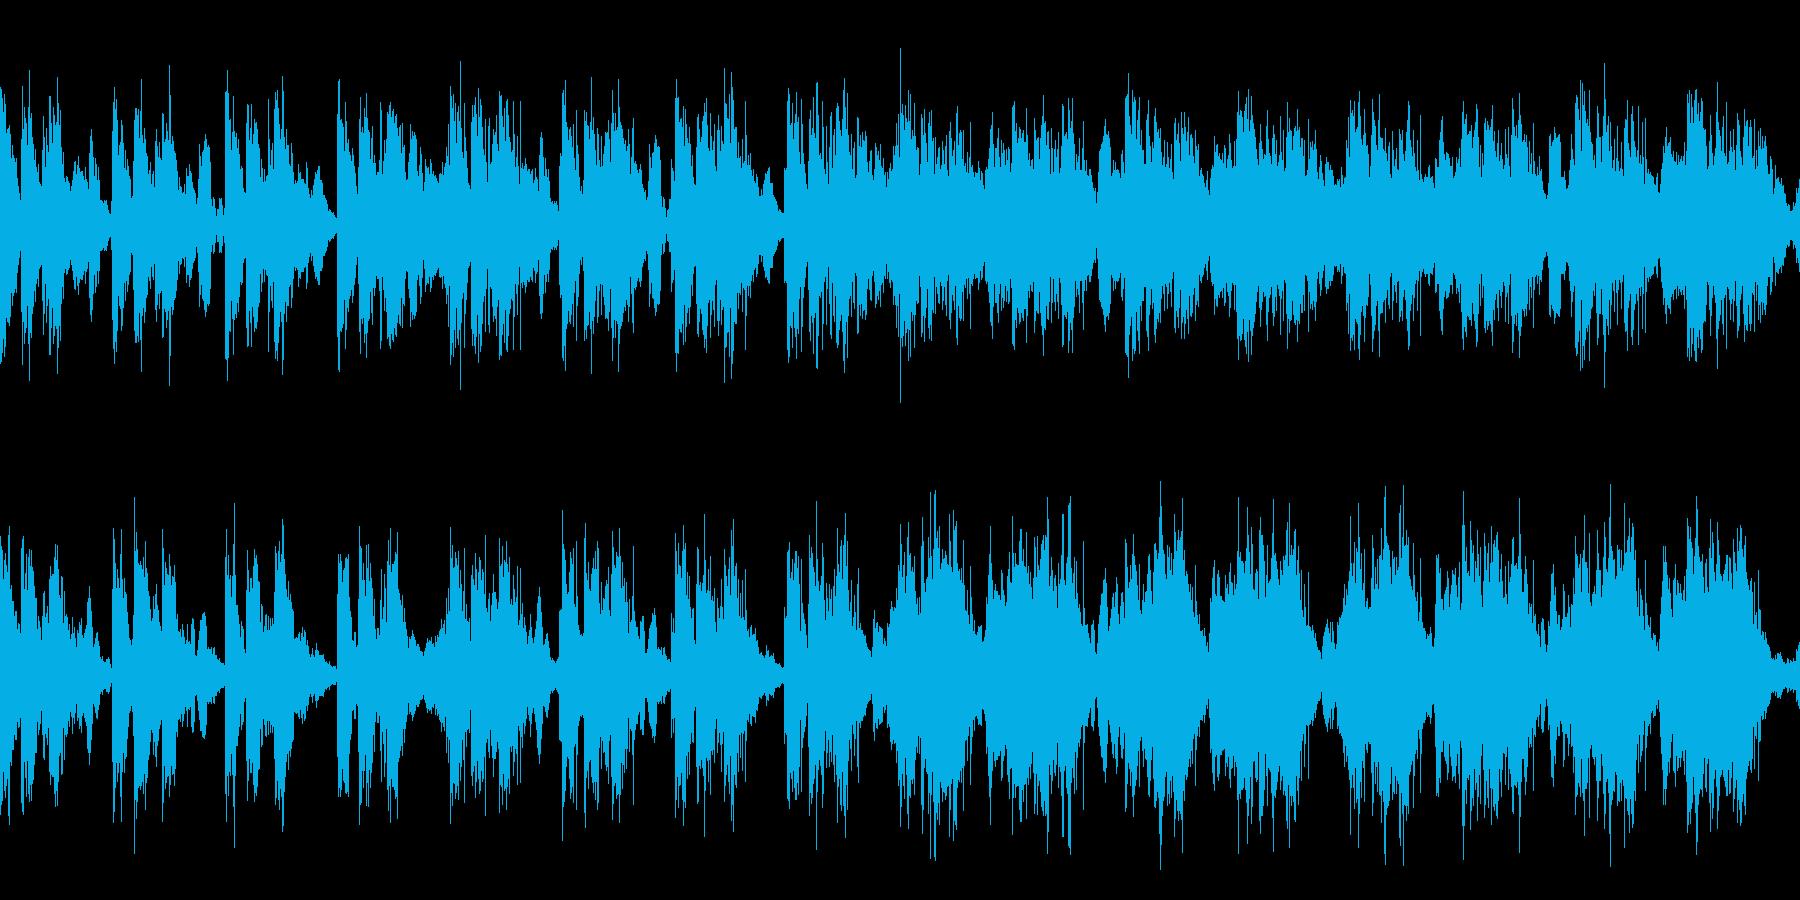 緊張感のあるEpicオーケストラ/ループの再生済みの波形